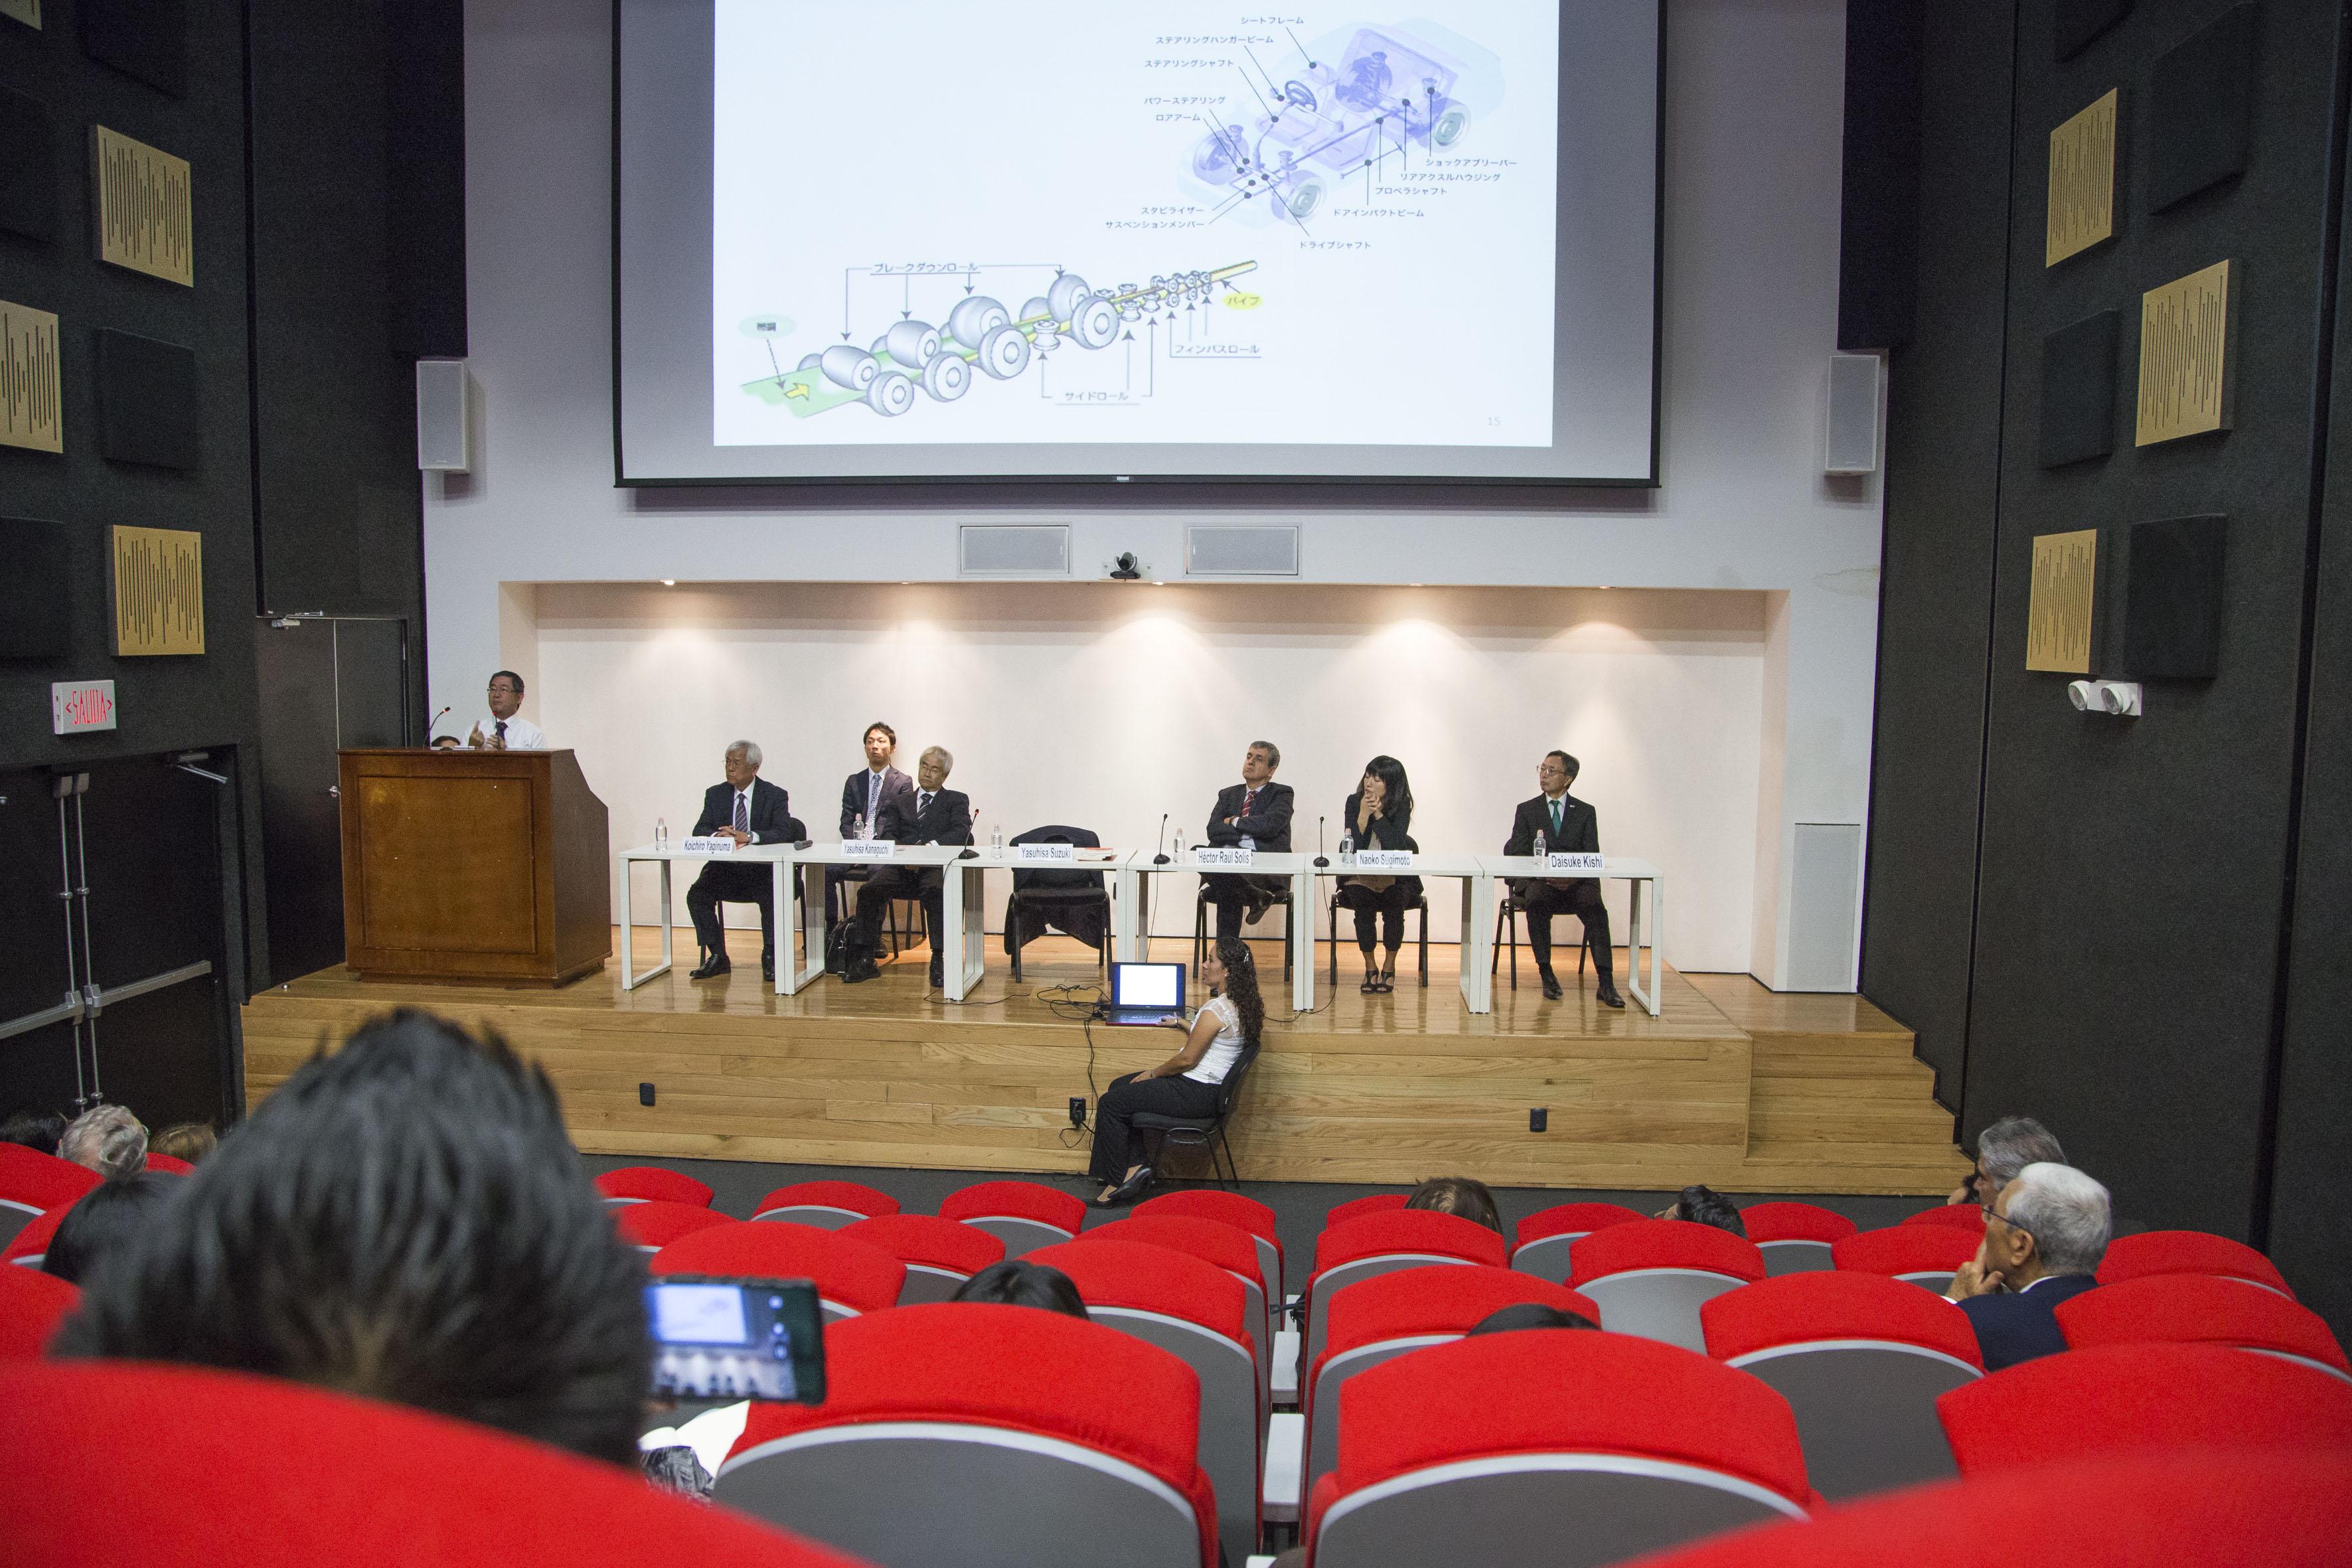 Cónsul General del Japón en León, Yasuhisa Suzuki, en pódium del evento haciendo uso de la palabra, durante inauguración del 1er Seminario Internacional de Estudios sobre Japón.